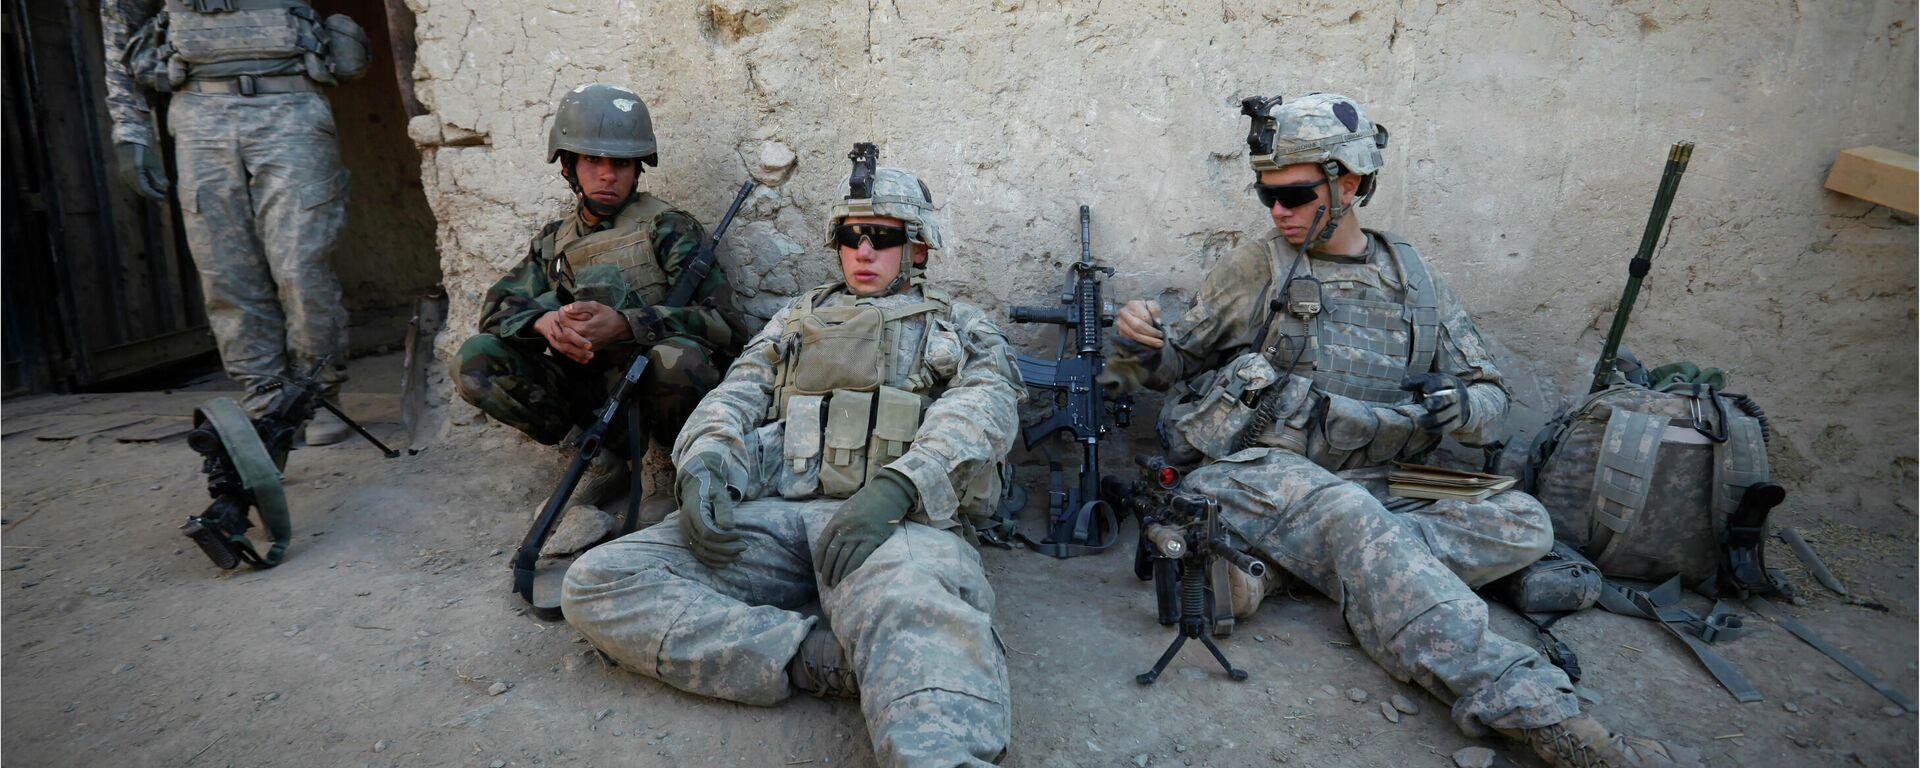 Военнослужащие США и Афганистана в провинции Кандагар - Sputnik Latvija, 1920, 31.08.2021